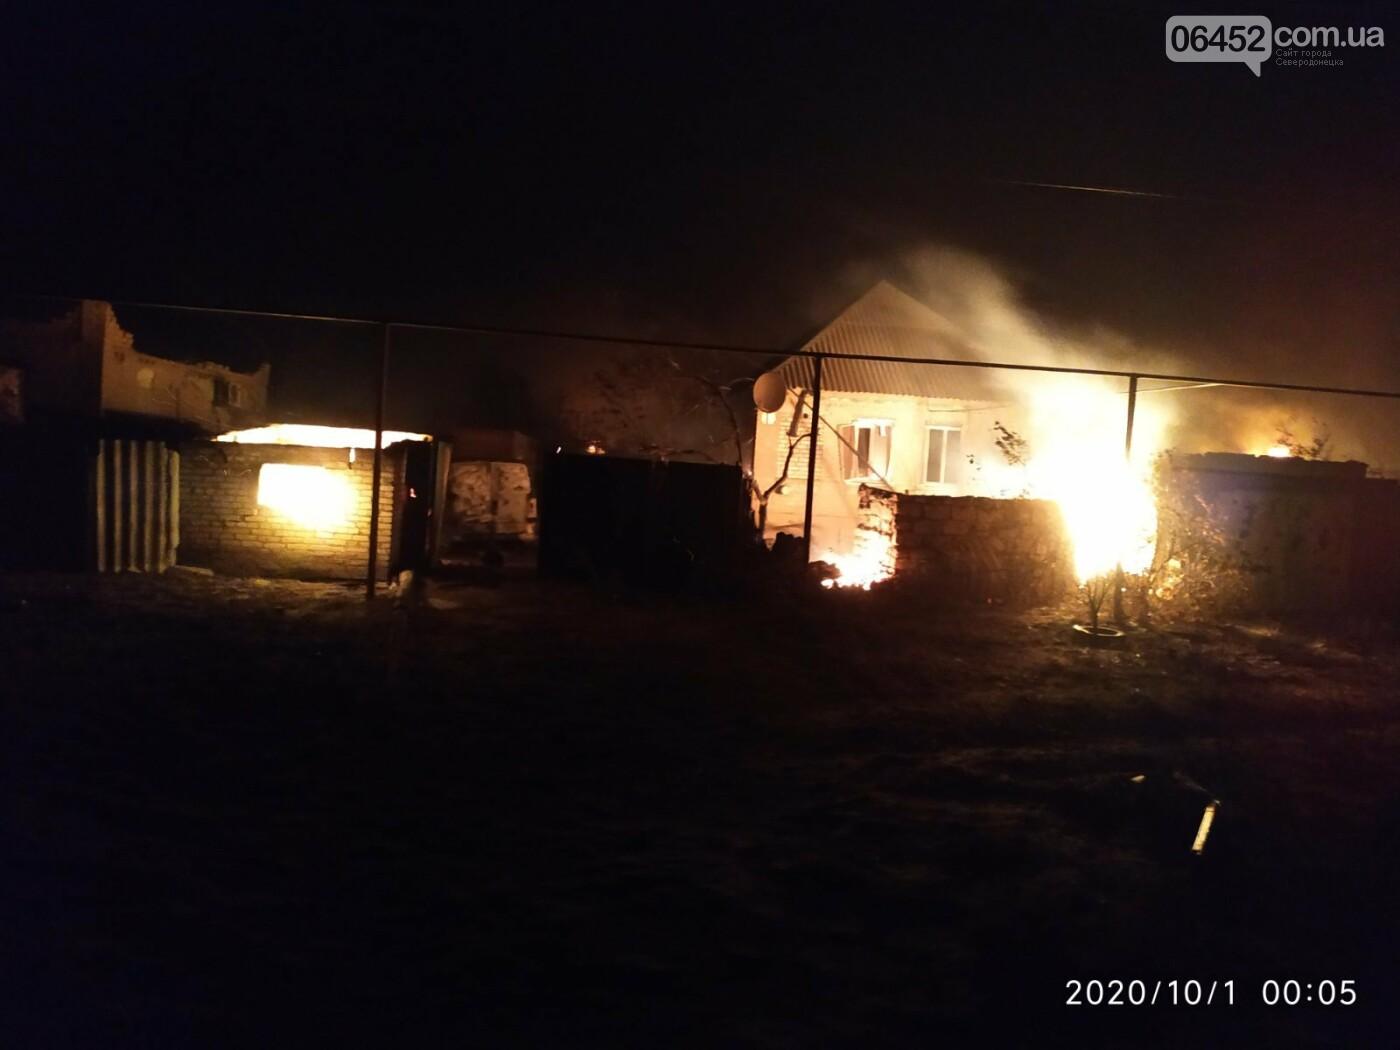 Ночь на пепелище. Рассказ очевидца пожара в Вороново, фото-1